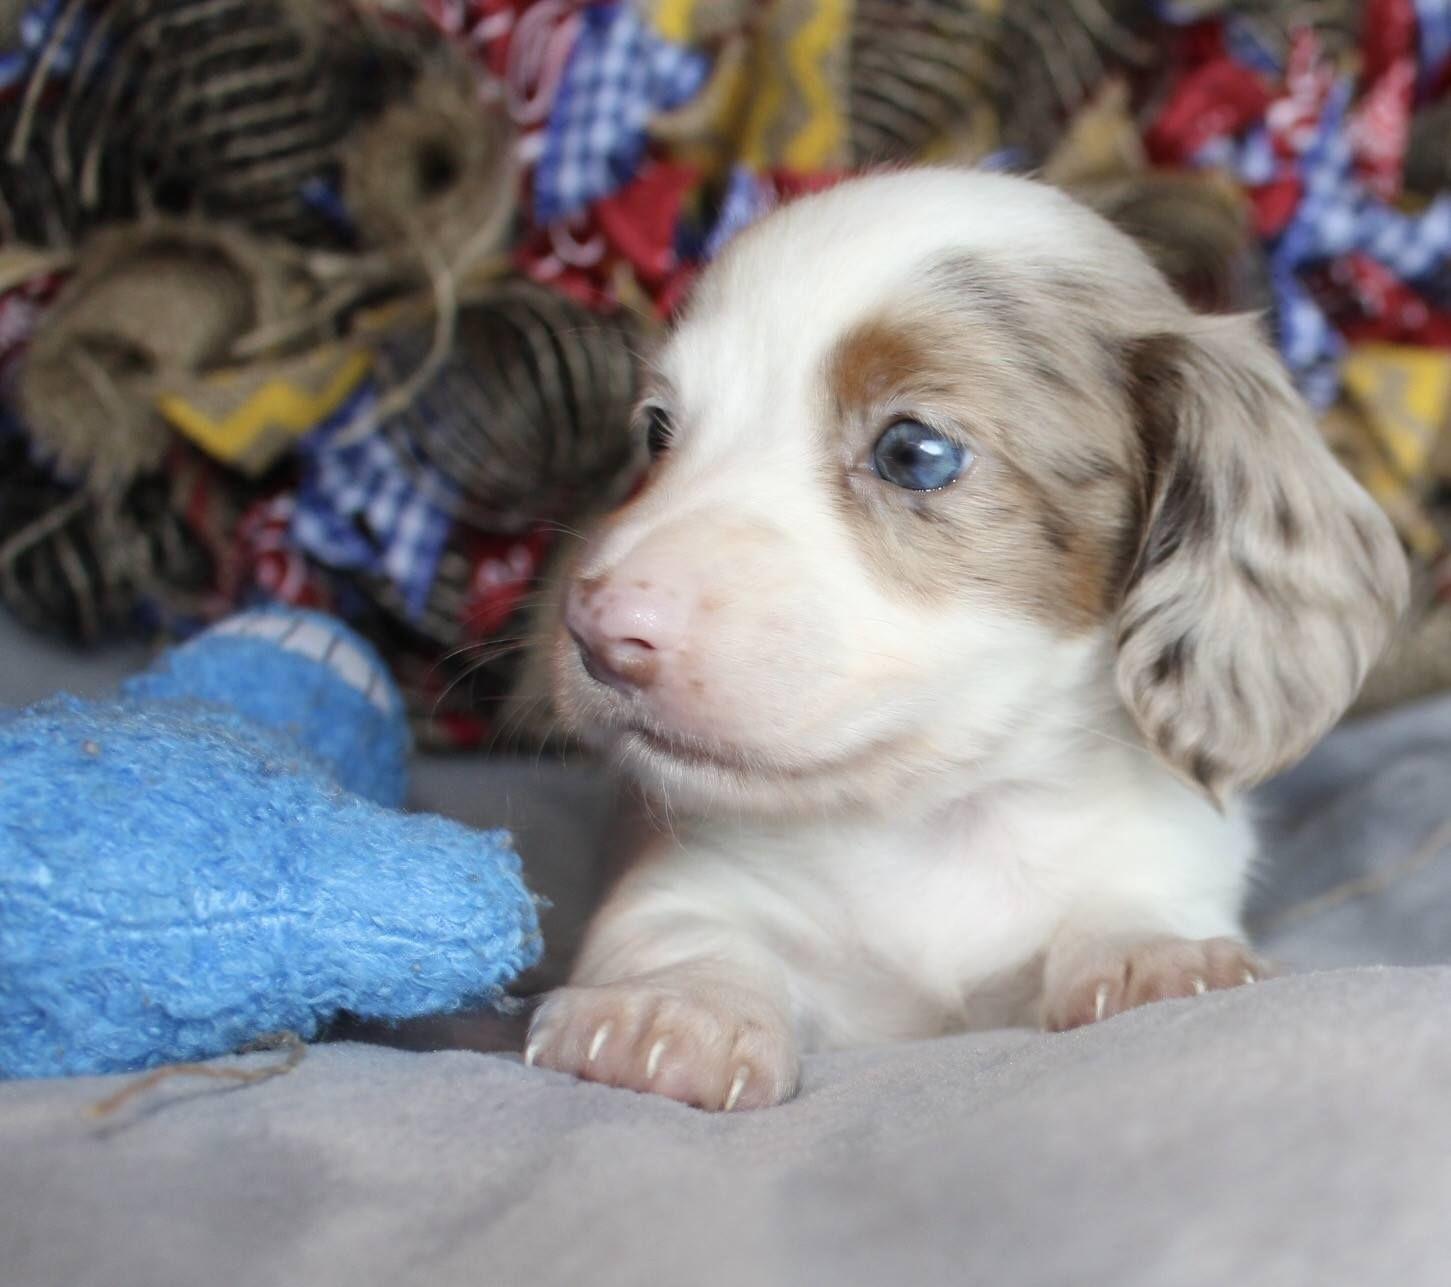 Gallery Dachshund puppies for sale, Daschund puppies